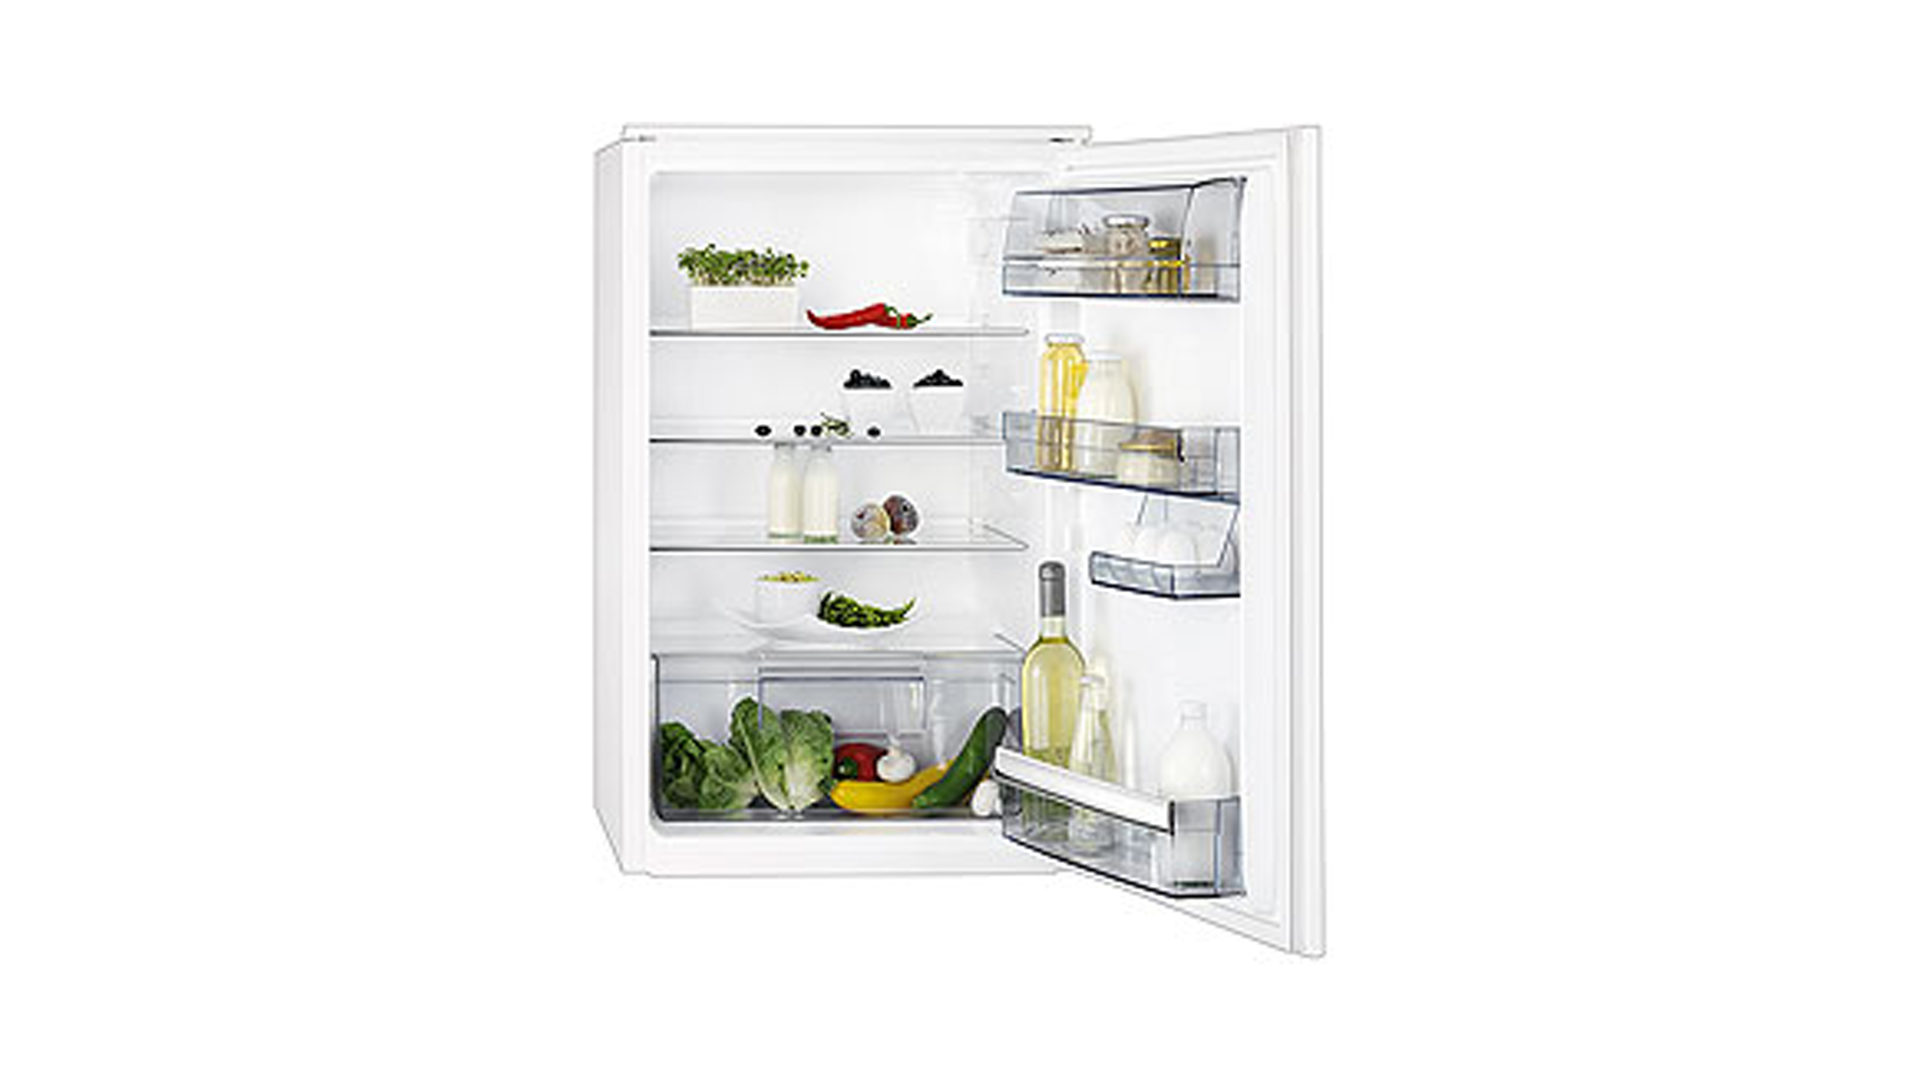 Aeg Kühlschrank 158 Cm : Trop möbelabholmarkt gmbh möbel a z küchen einbaugeräte